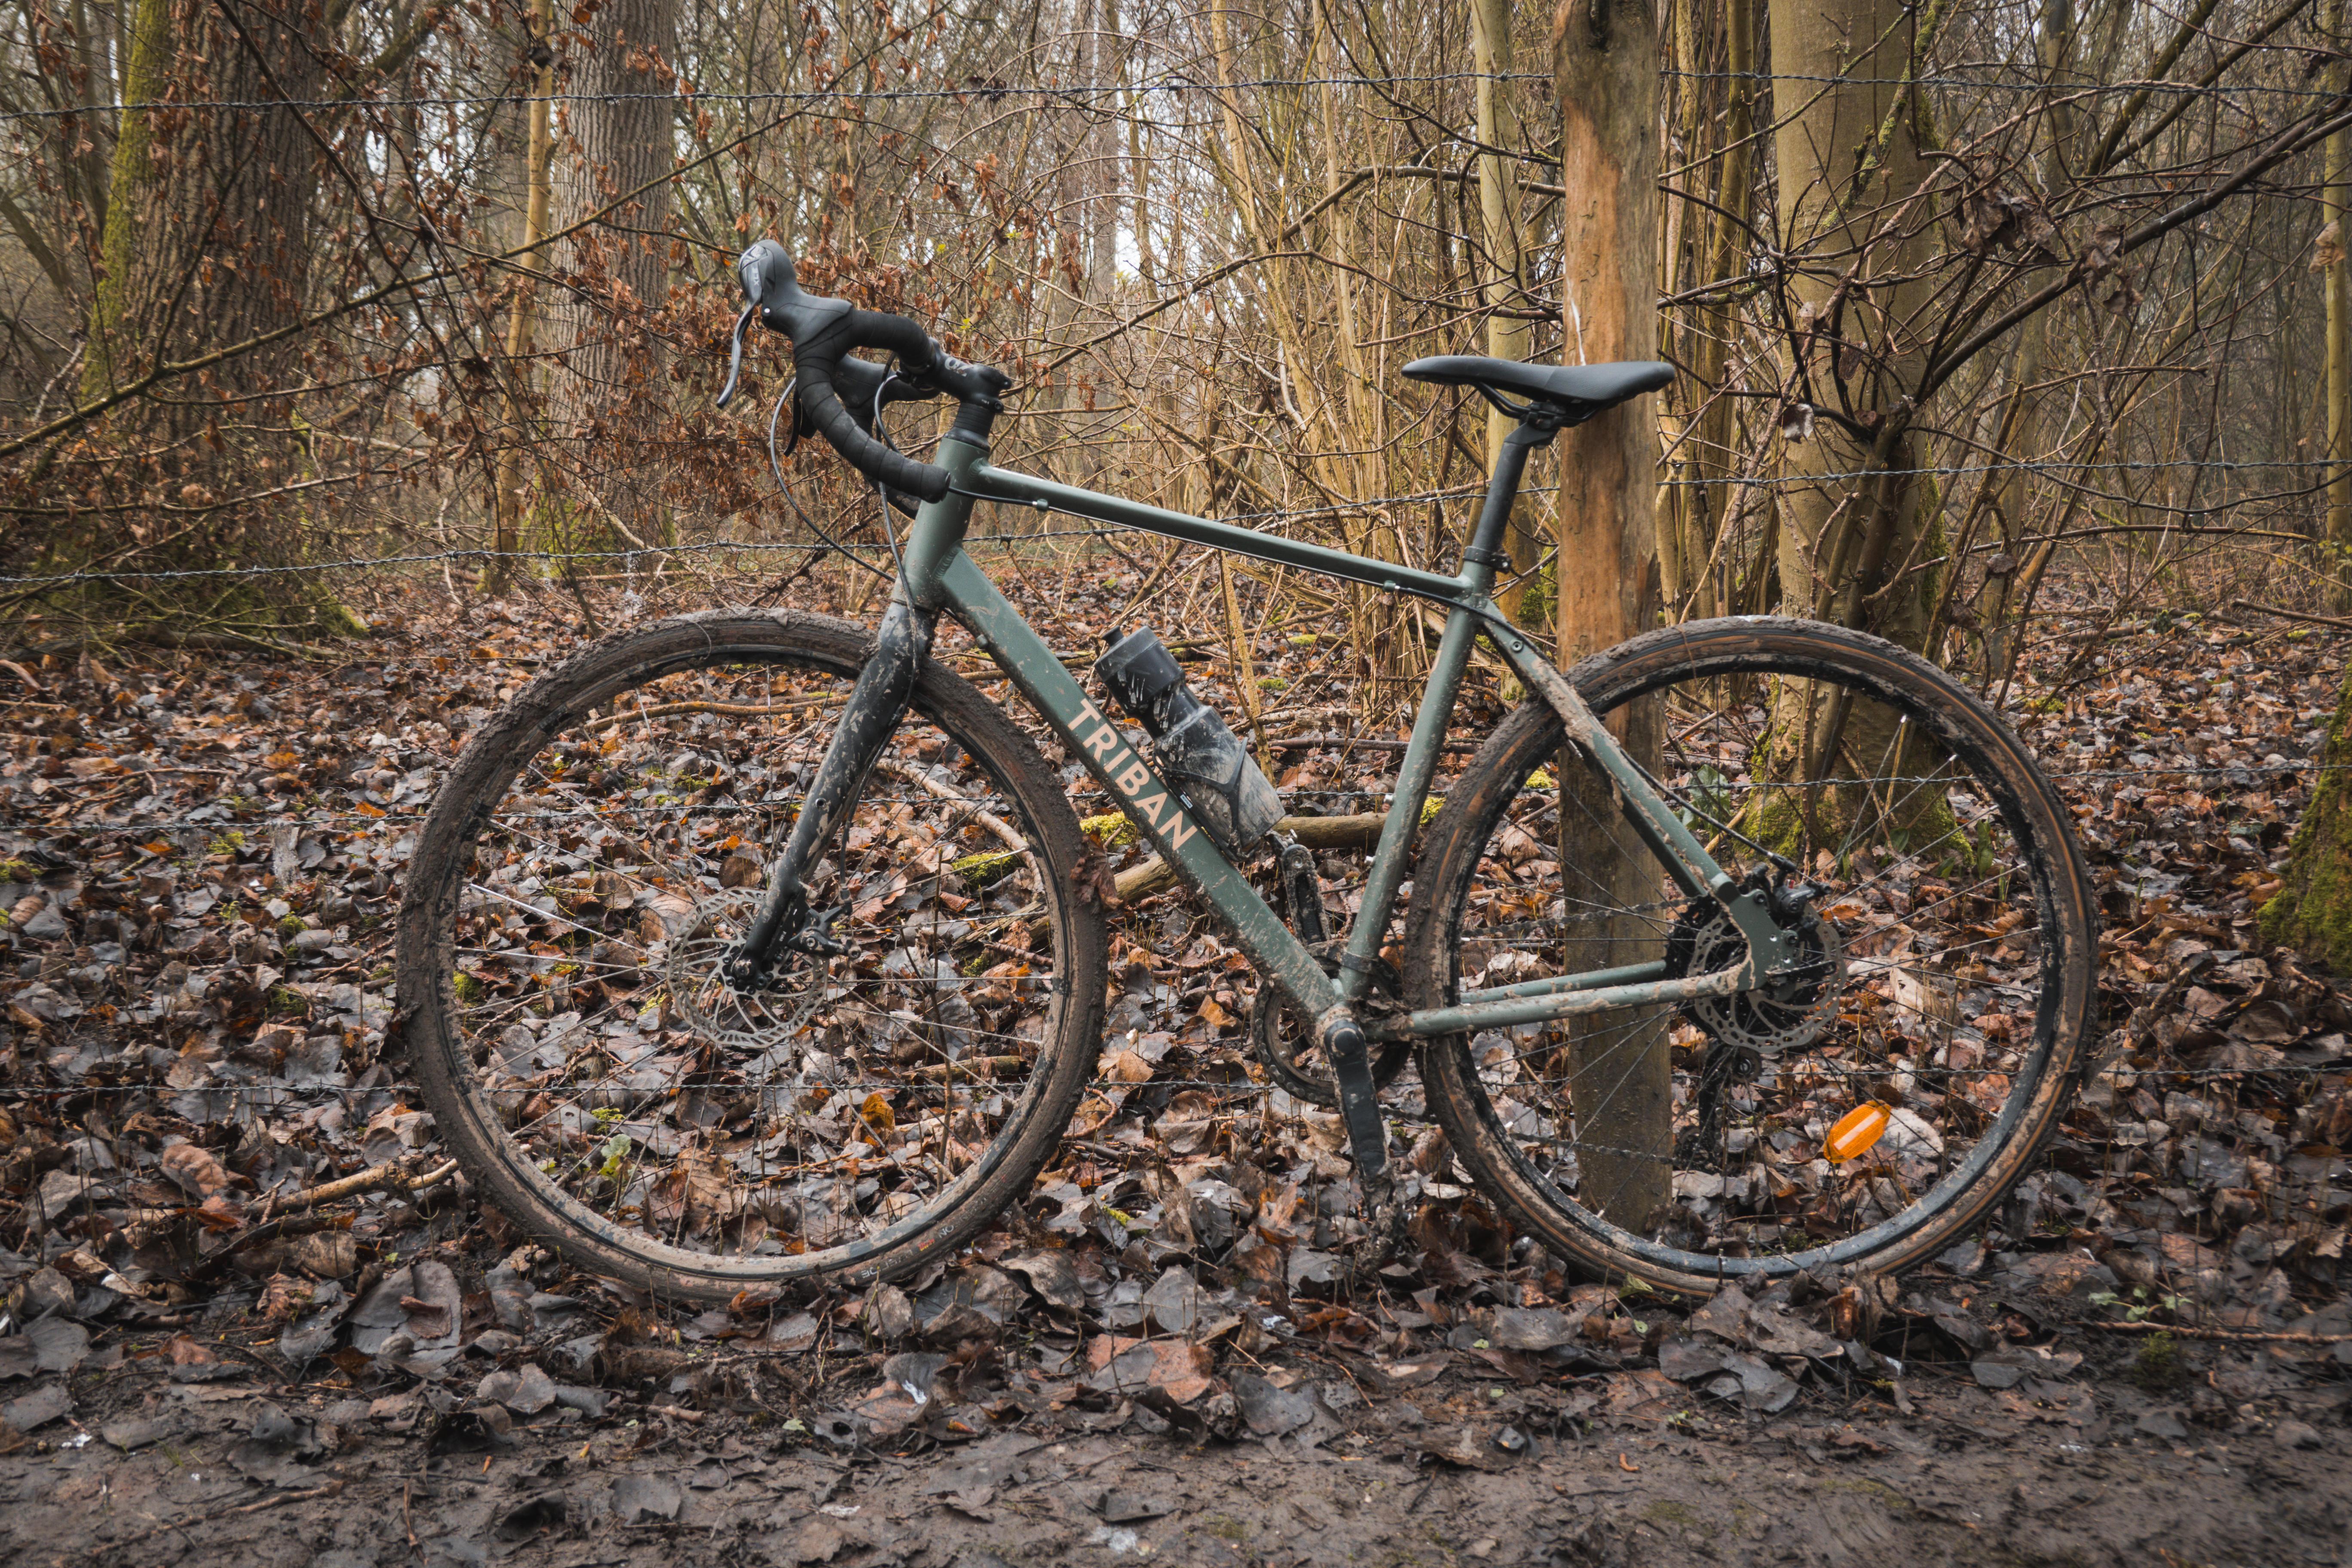 Bicicletă GRAVEL 120 Damă imagine produs